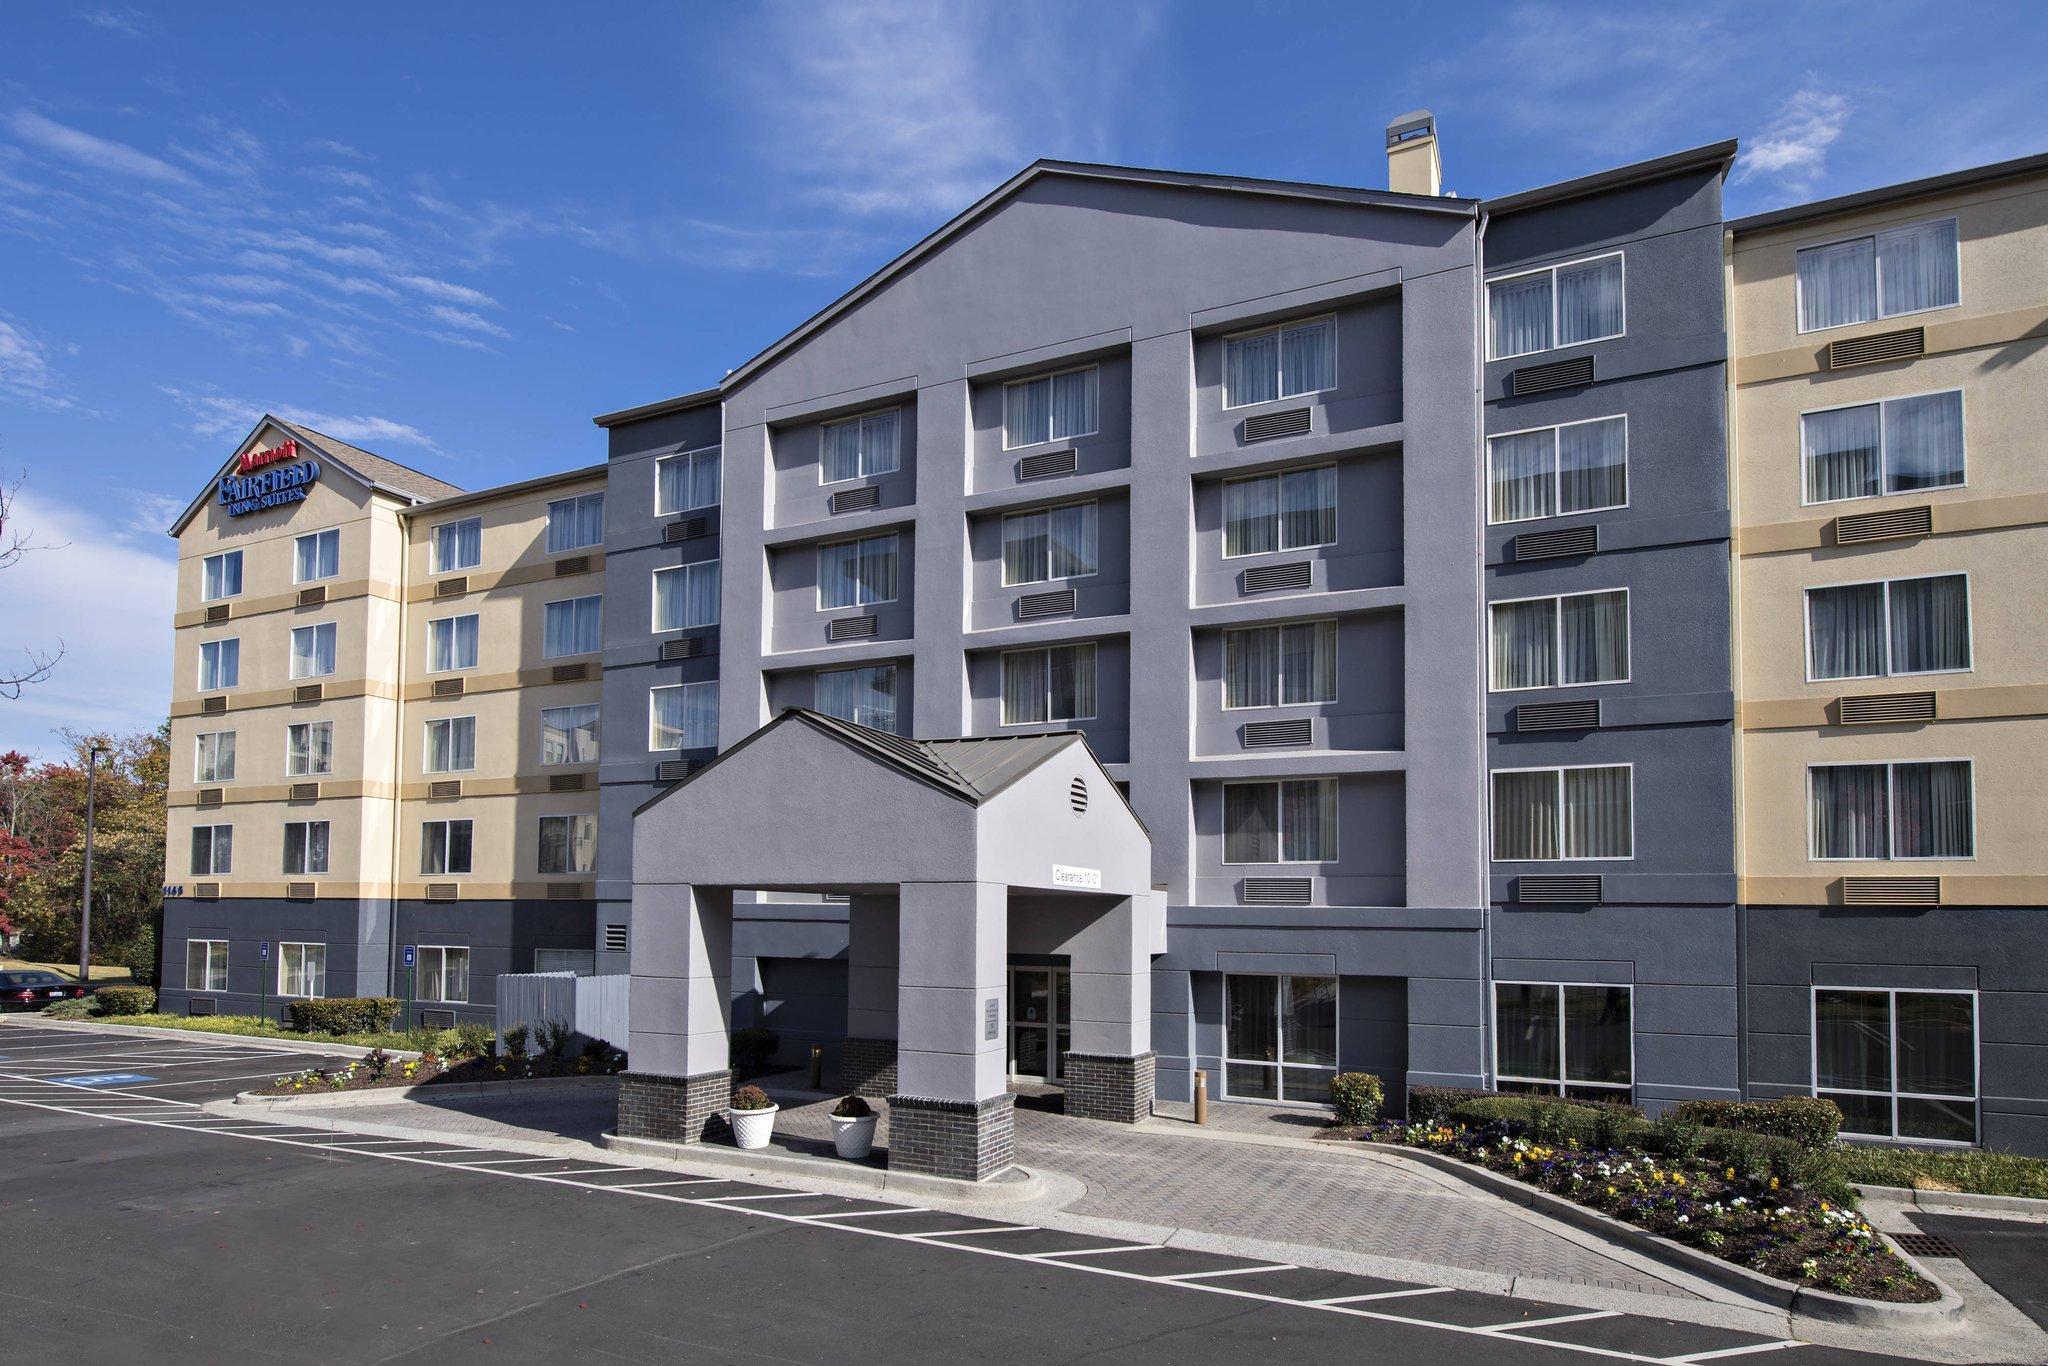 Fairfield Inn And Suites Atlanta Perimeter Center